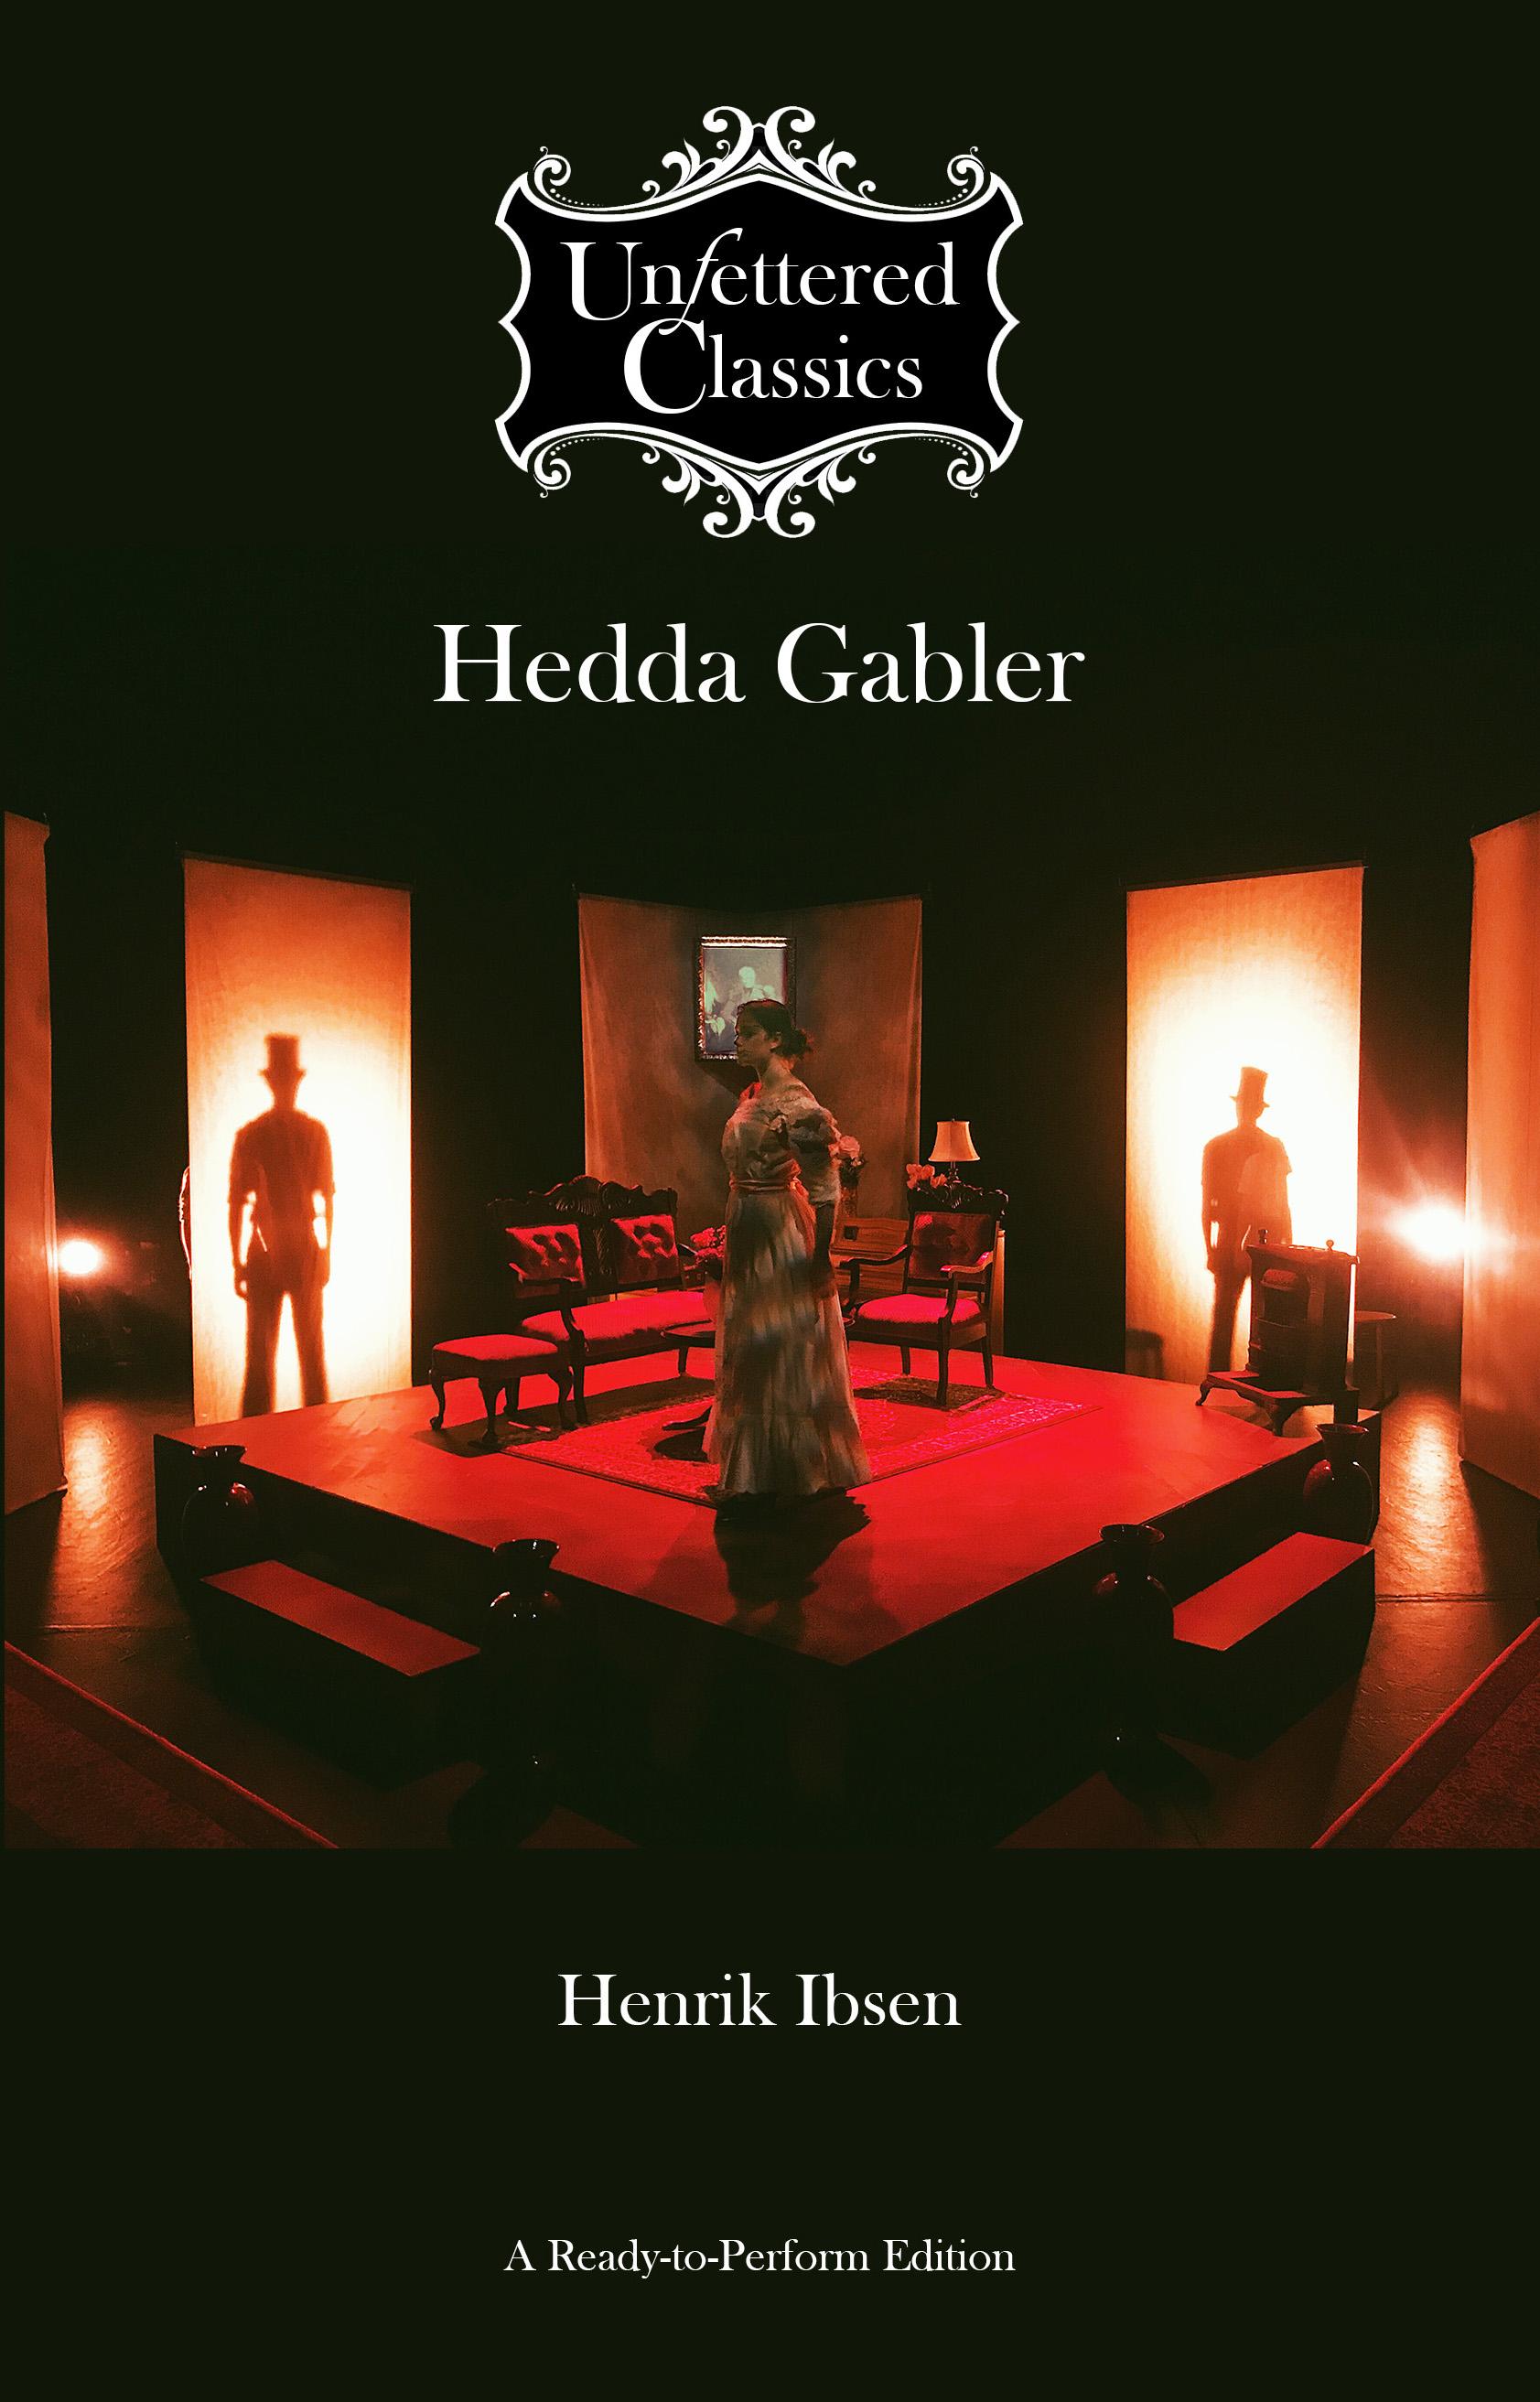 Hedda Cover - Front DC website 2.jpg